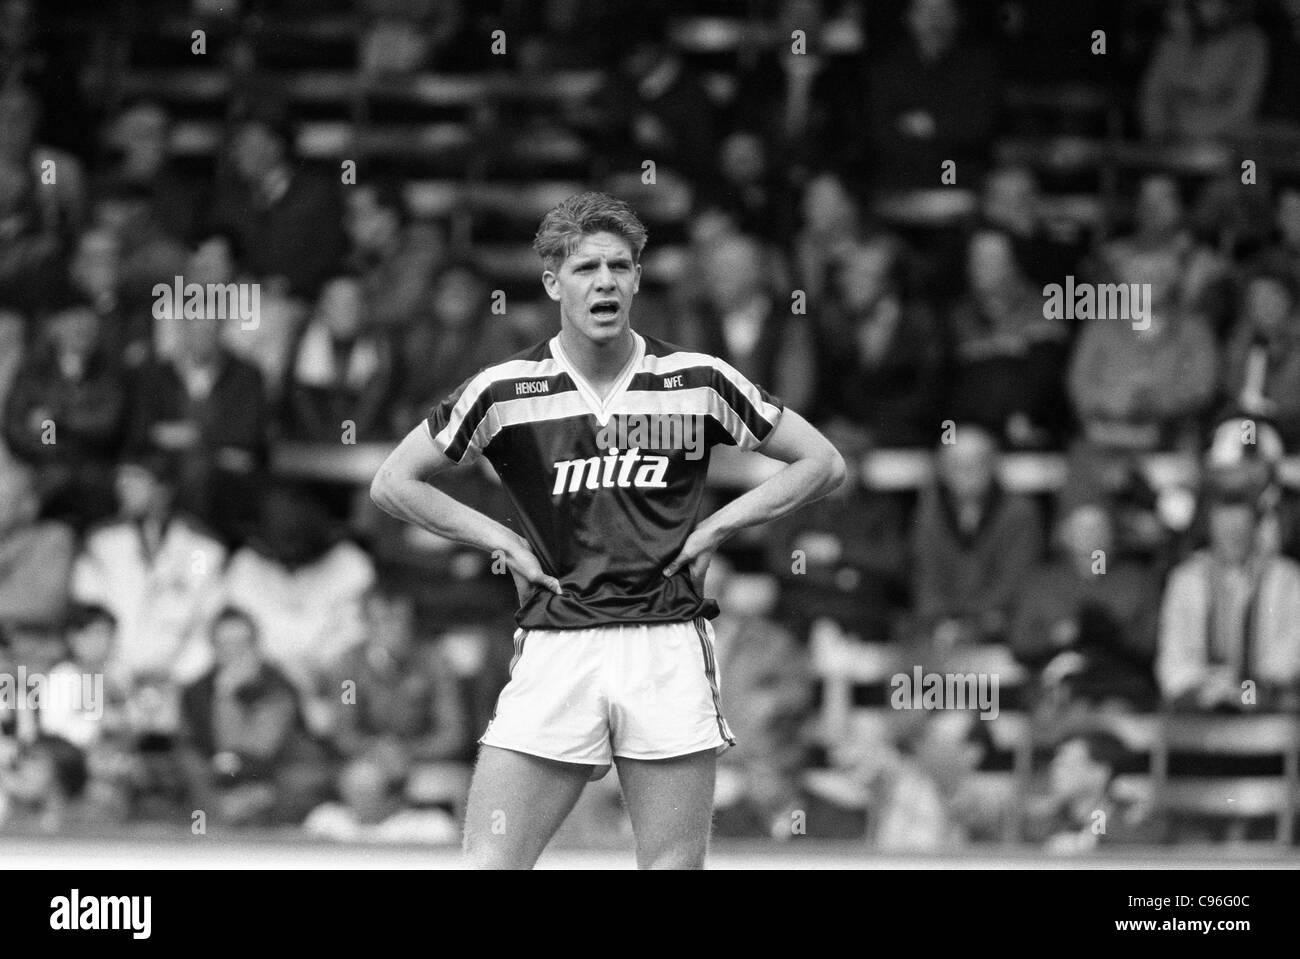 Aston Villa v Sheffield Wednesday at Villa Park 4/5/1987 Villa midfield player Phil Robinson. - Stock Image